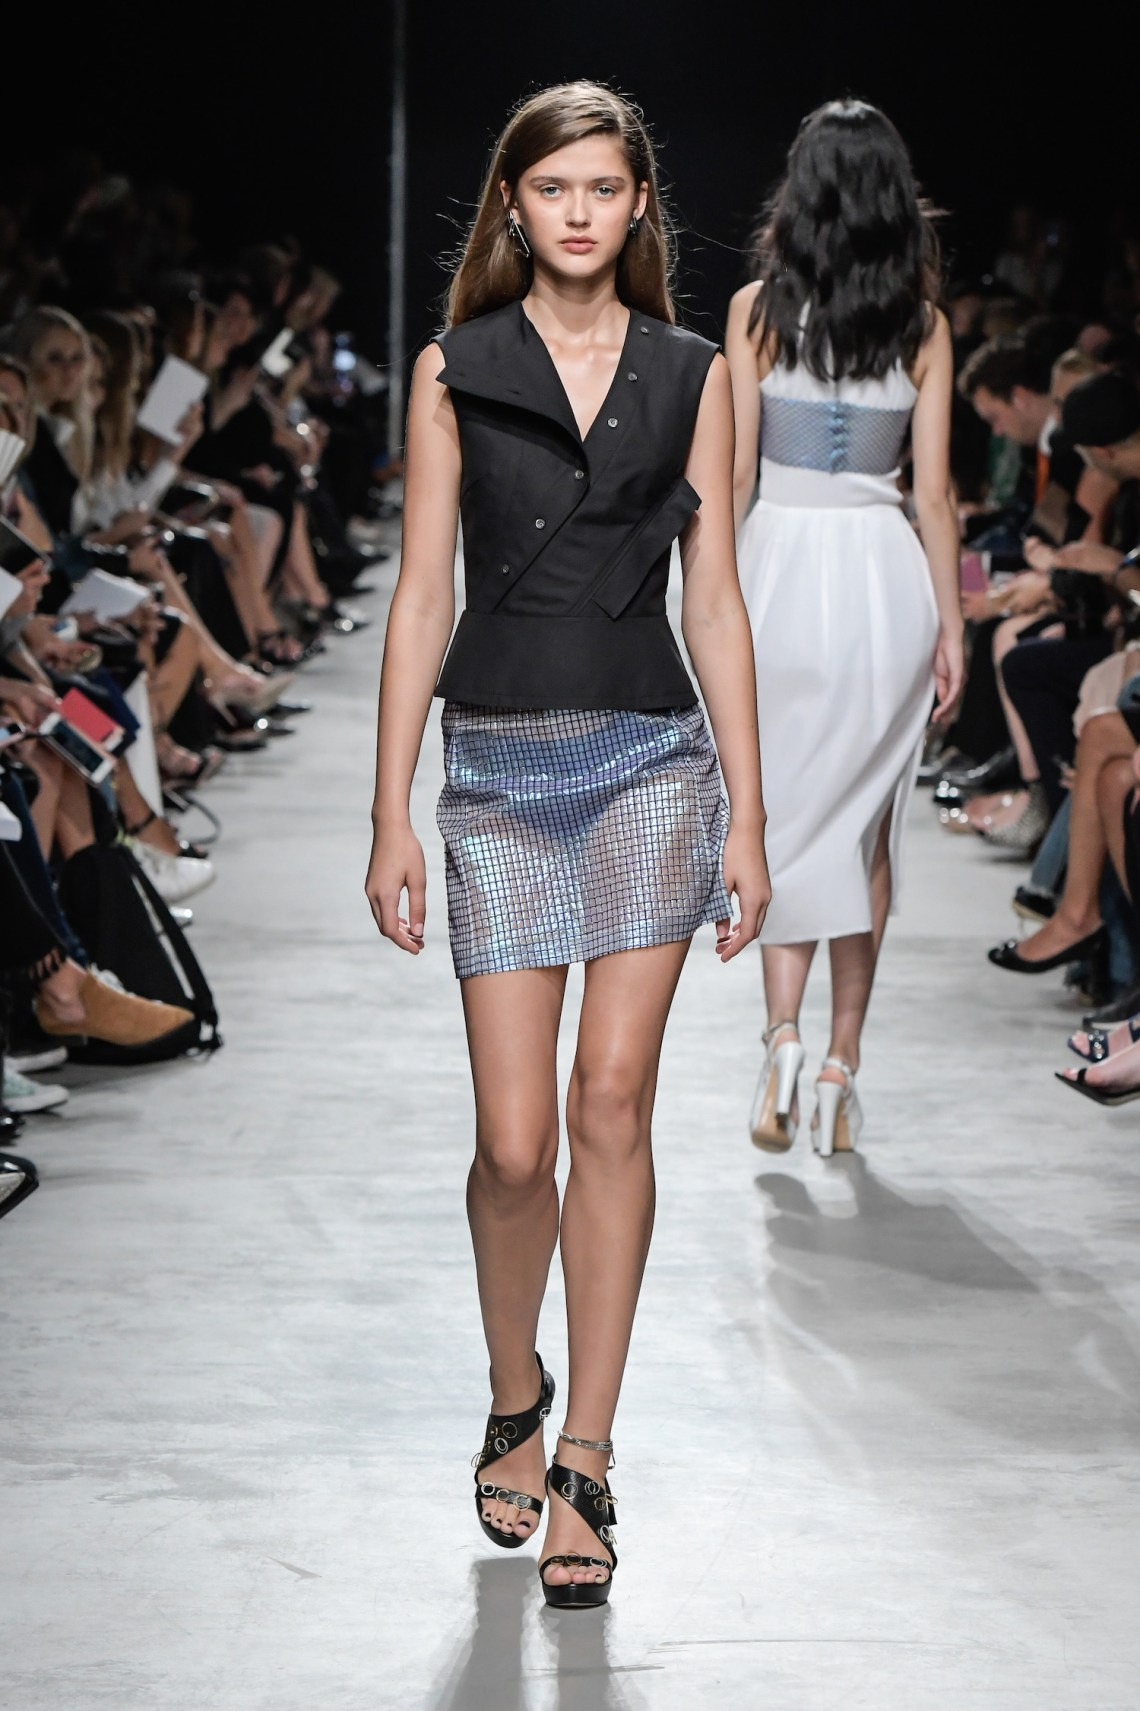 Pixelformula womenswear ready to wear prêt a porter summer 2017 Guy Laroche